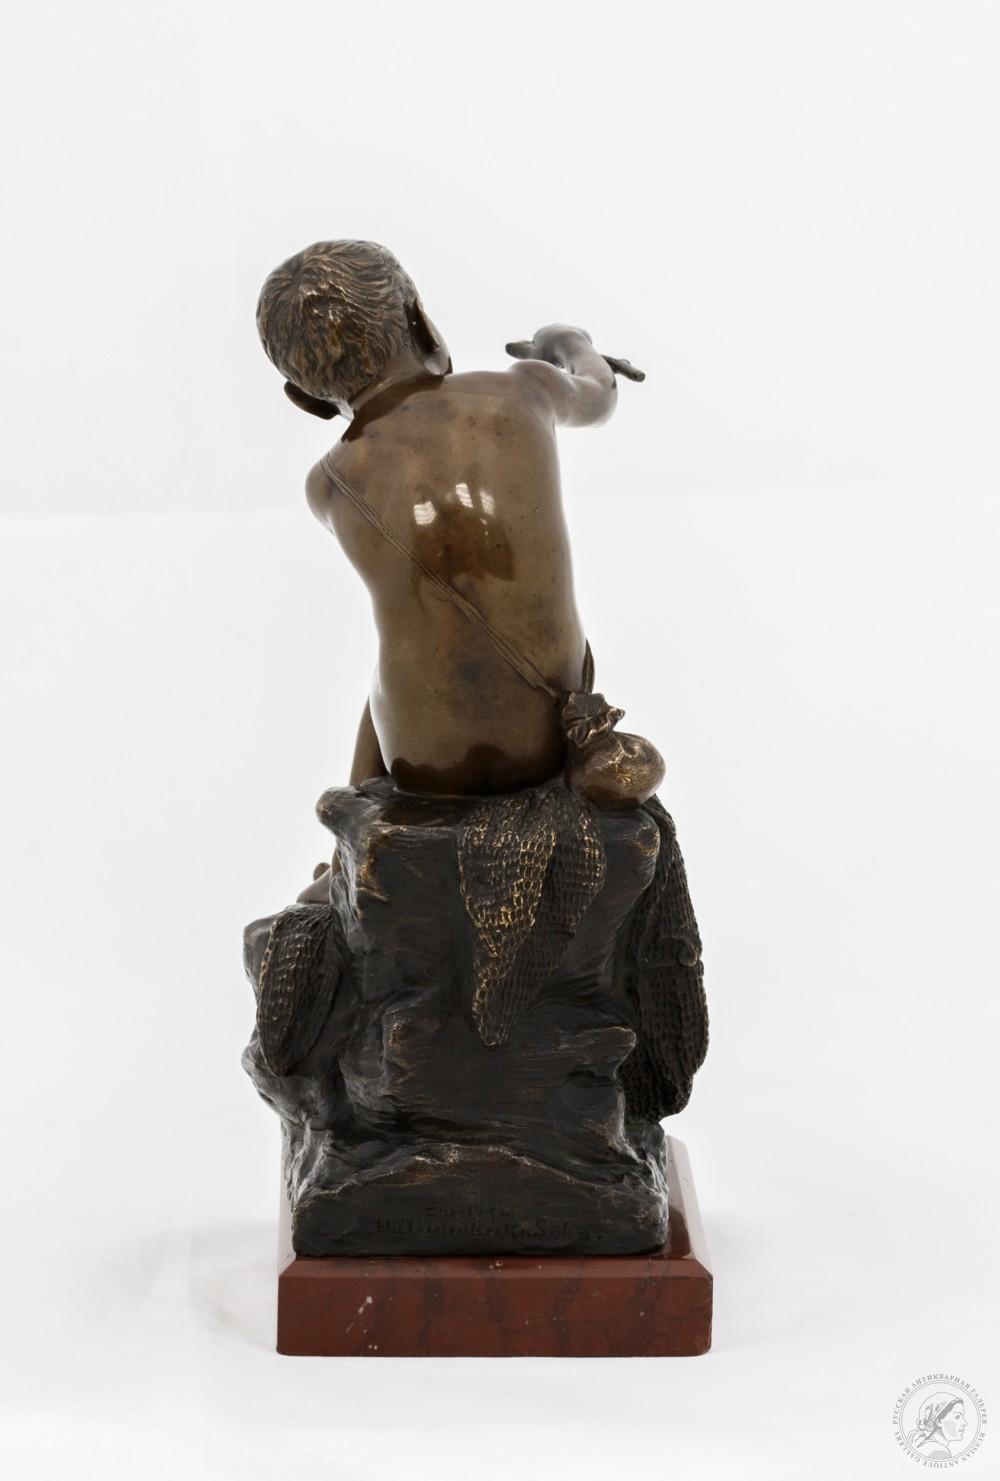 Скульптура «Юный рыбачок»